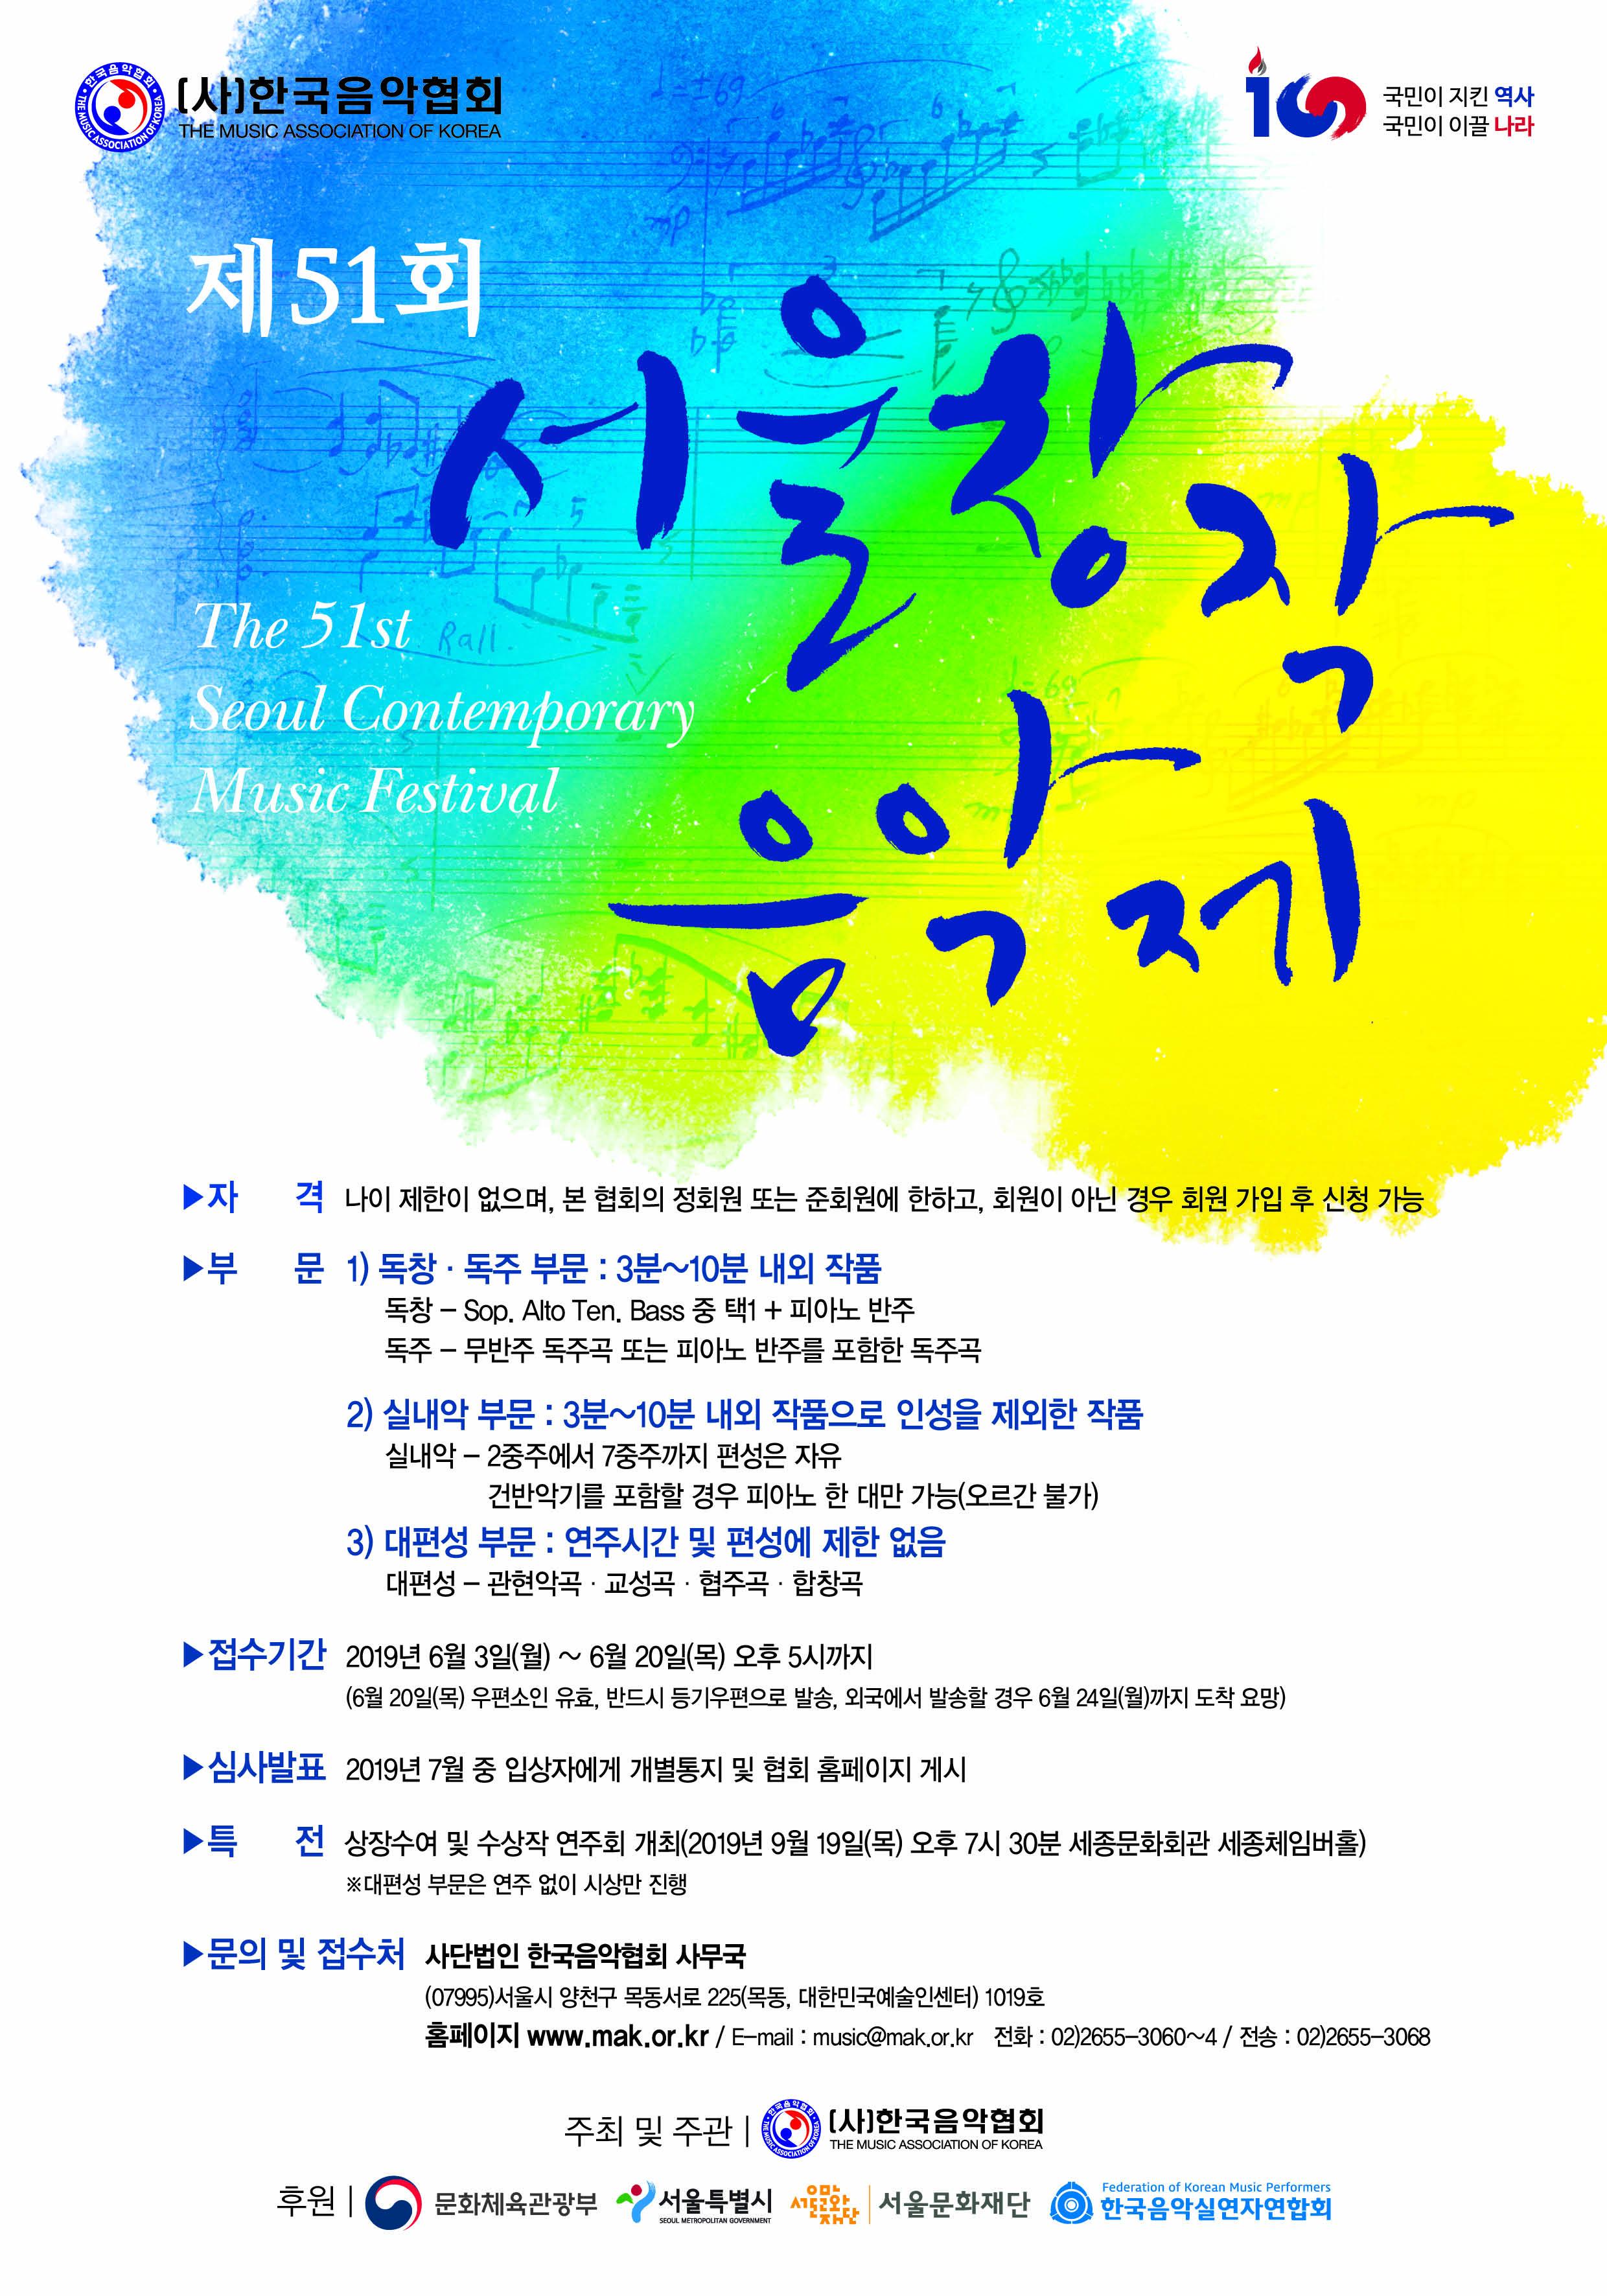 1. 제51회 서울창작음악제 공모 앞면 최종.jpg